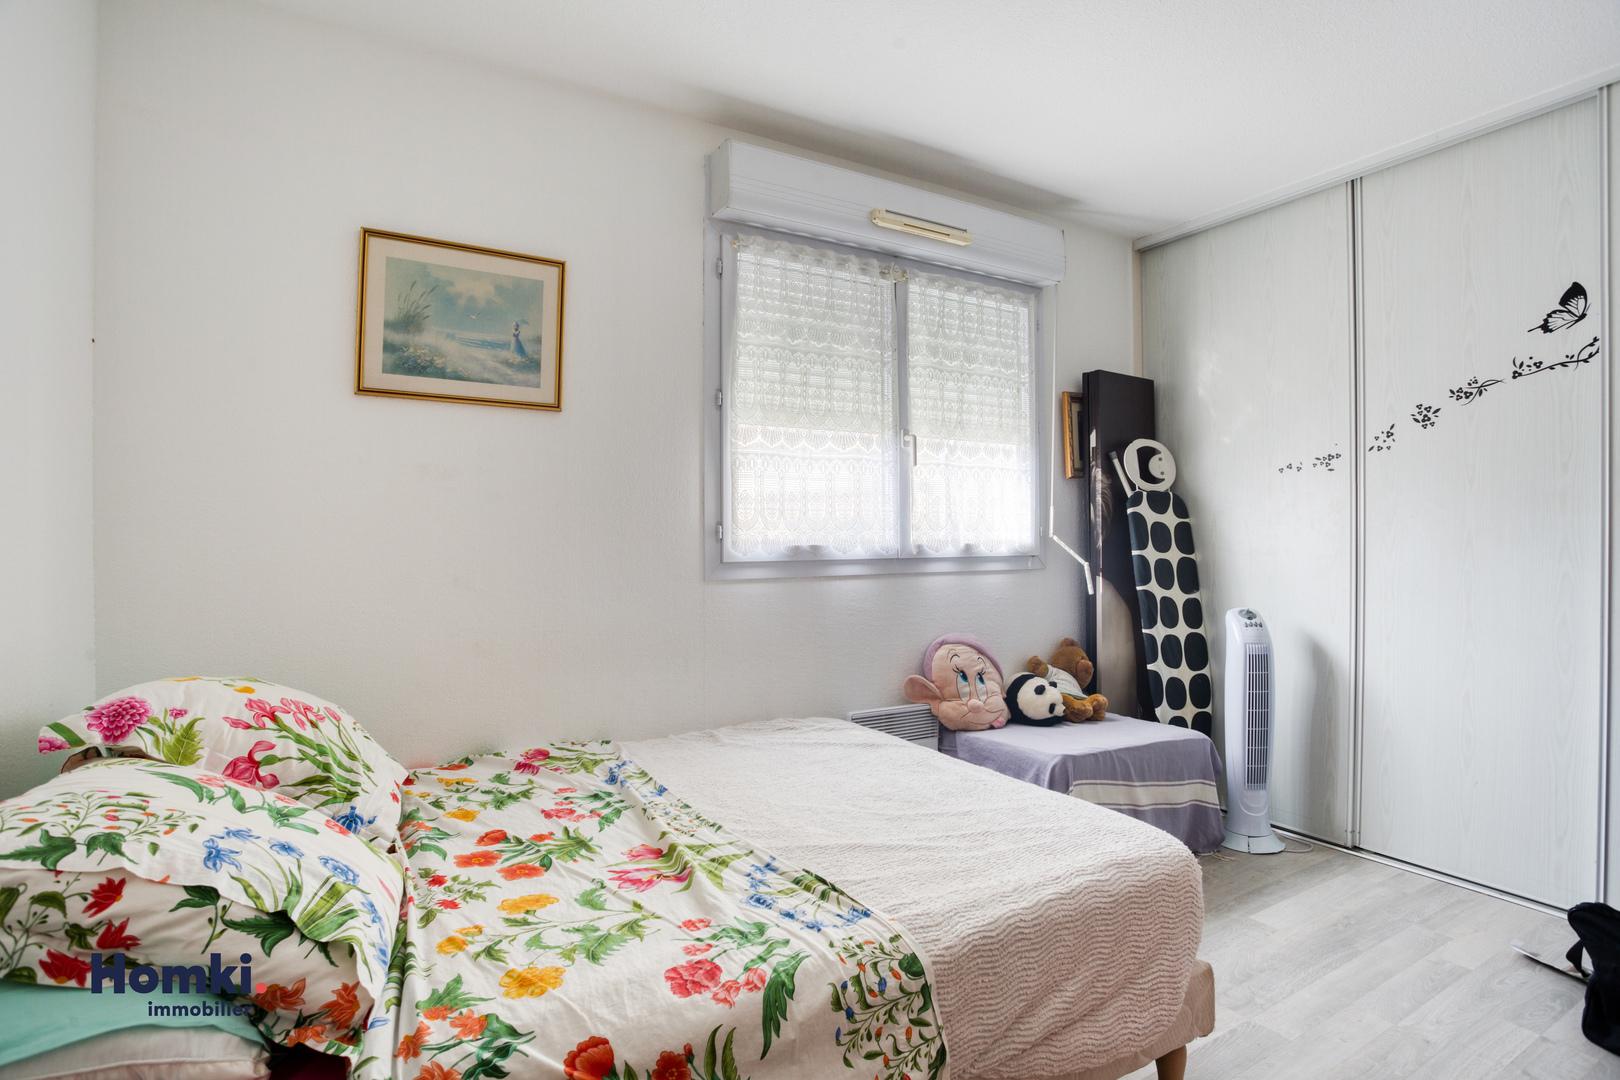 Vente Appartement 72 m² T4 83700_9